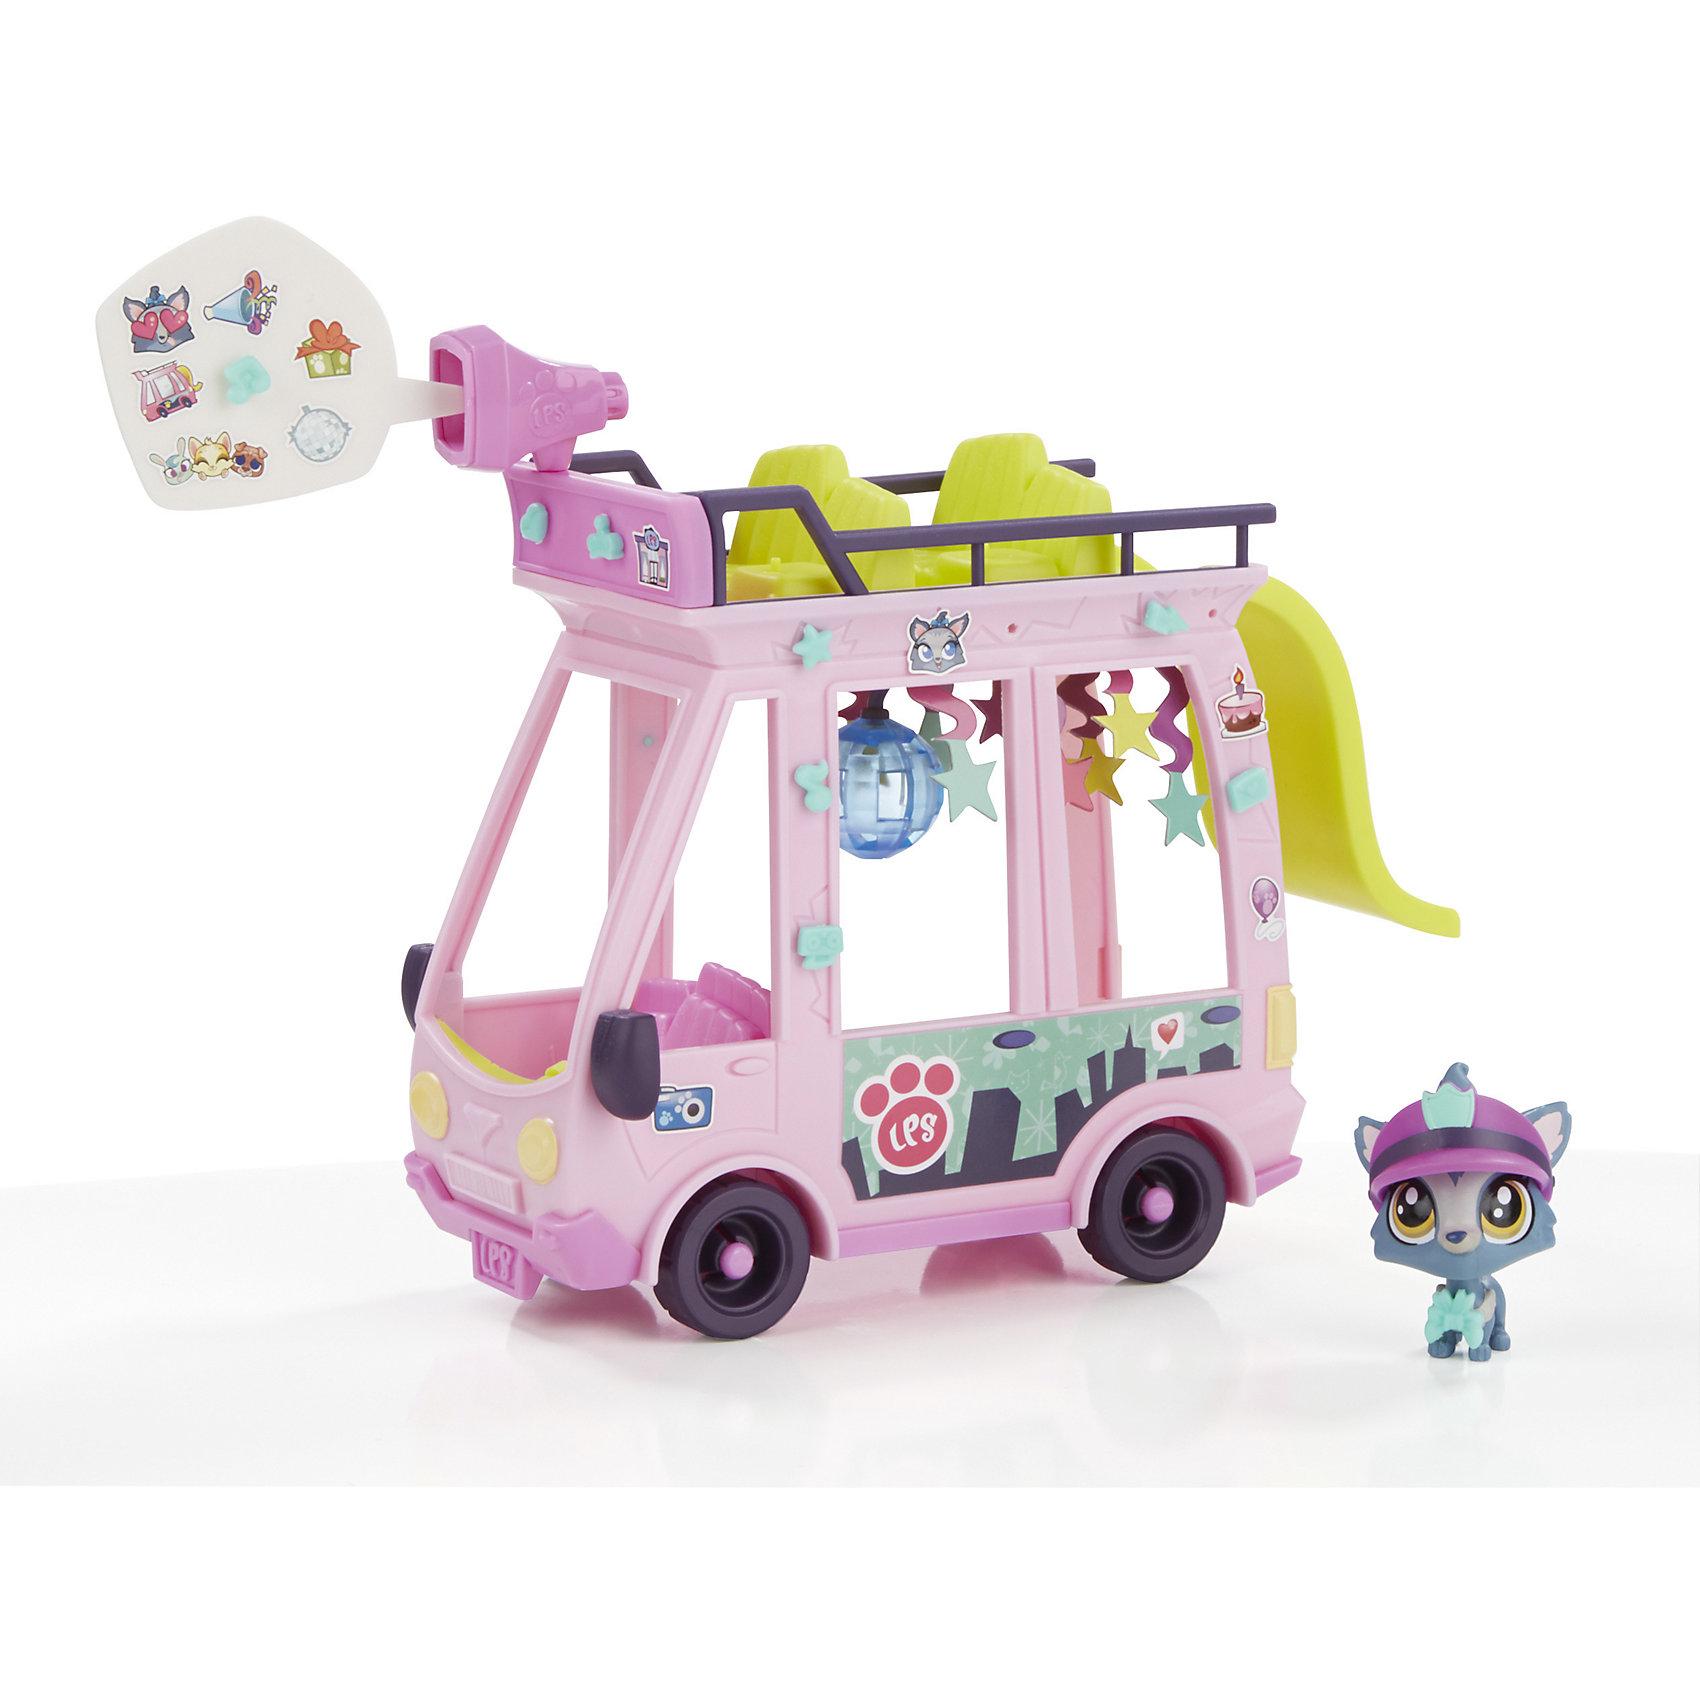 Игровой набор Автобус, Littlest Pet Shop, HasbroКоляски и транспорт для кукол<br>Настоящая вечеринка в двухэтажном автобусе! В автобус помещается 5 большиз зверюшек и 5 малышей. Различные аксессуары и элменты декора помогут сделать вечеринку еще более веселой! В наборе эксклюзивная зверюшка собаки и большой бабл  и стикеры, чтобы рассказать, о чем думают их зверюшки! Собери их всех!<br><br>Ширина мм: 265<br>Глубина мм: 259<br>Высота мм: 222<br>Вес г: 318<br>Возраст от месяцев: 48<br>Возраст до месяцев: 2147483647<br>Пол: Унисекс<br>Возраст: Детский<br>SKU: 5622045